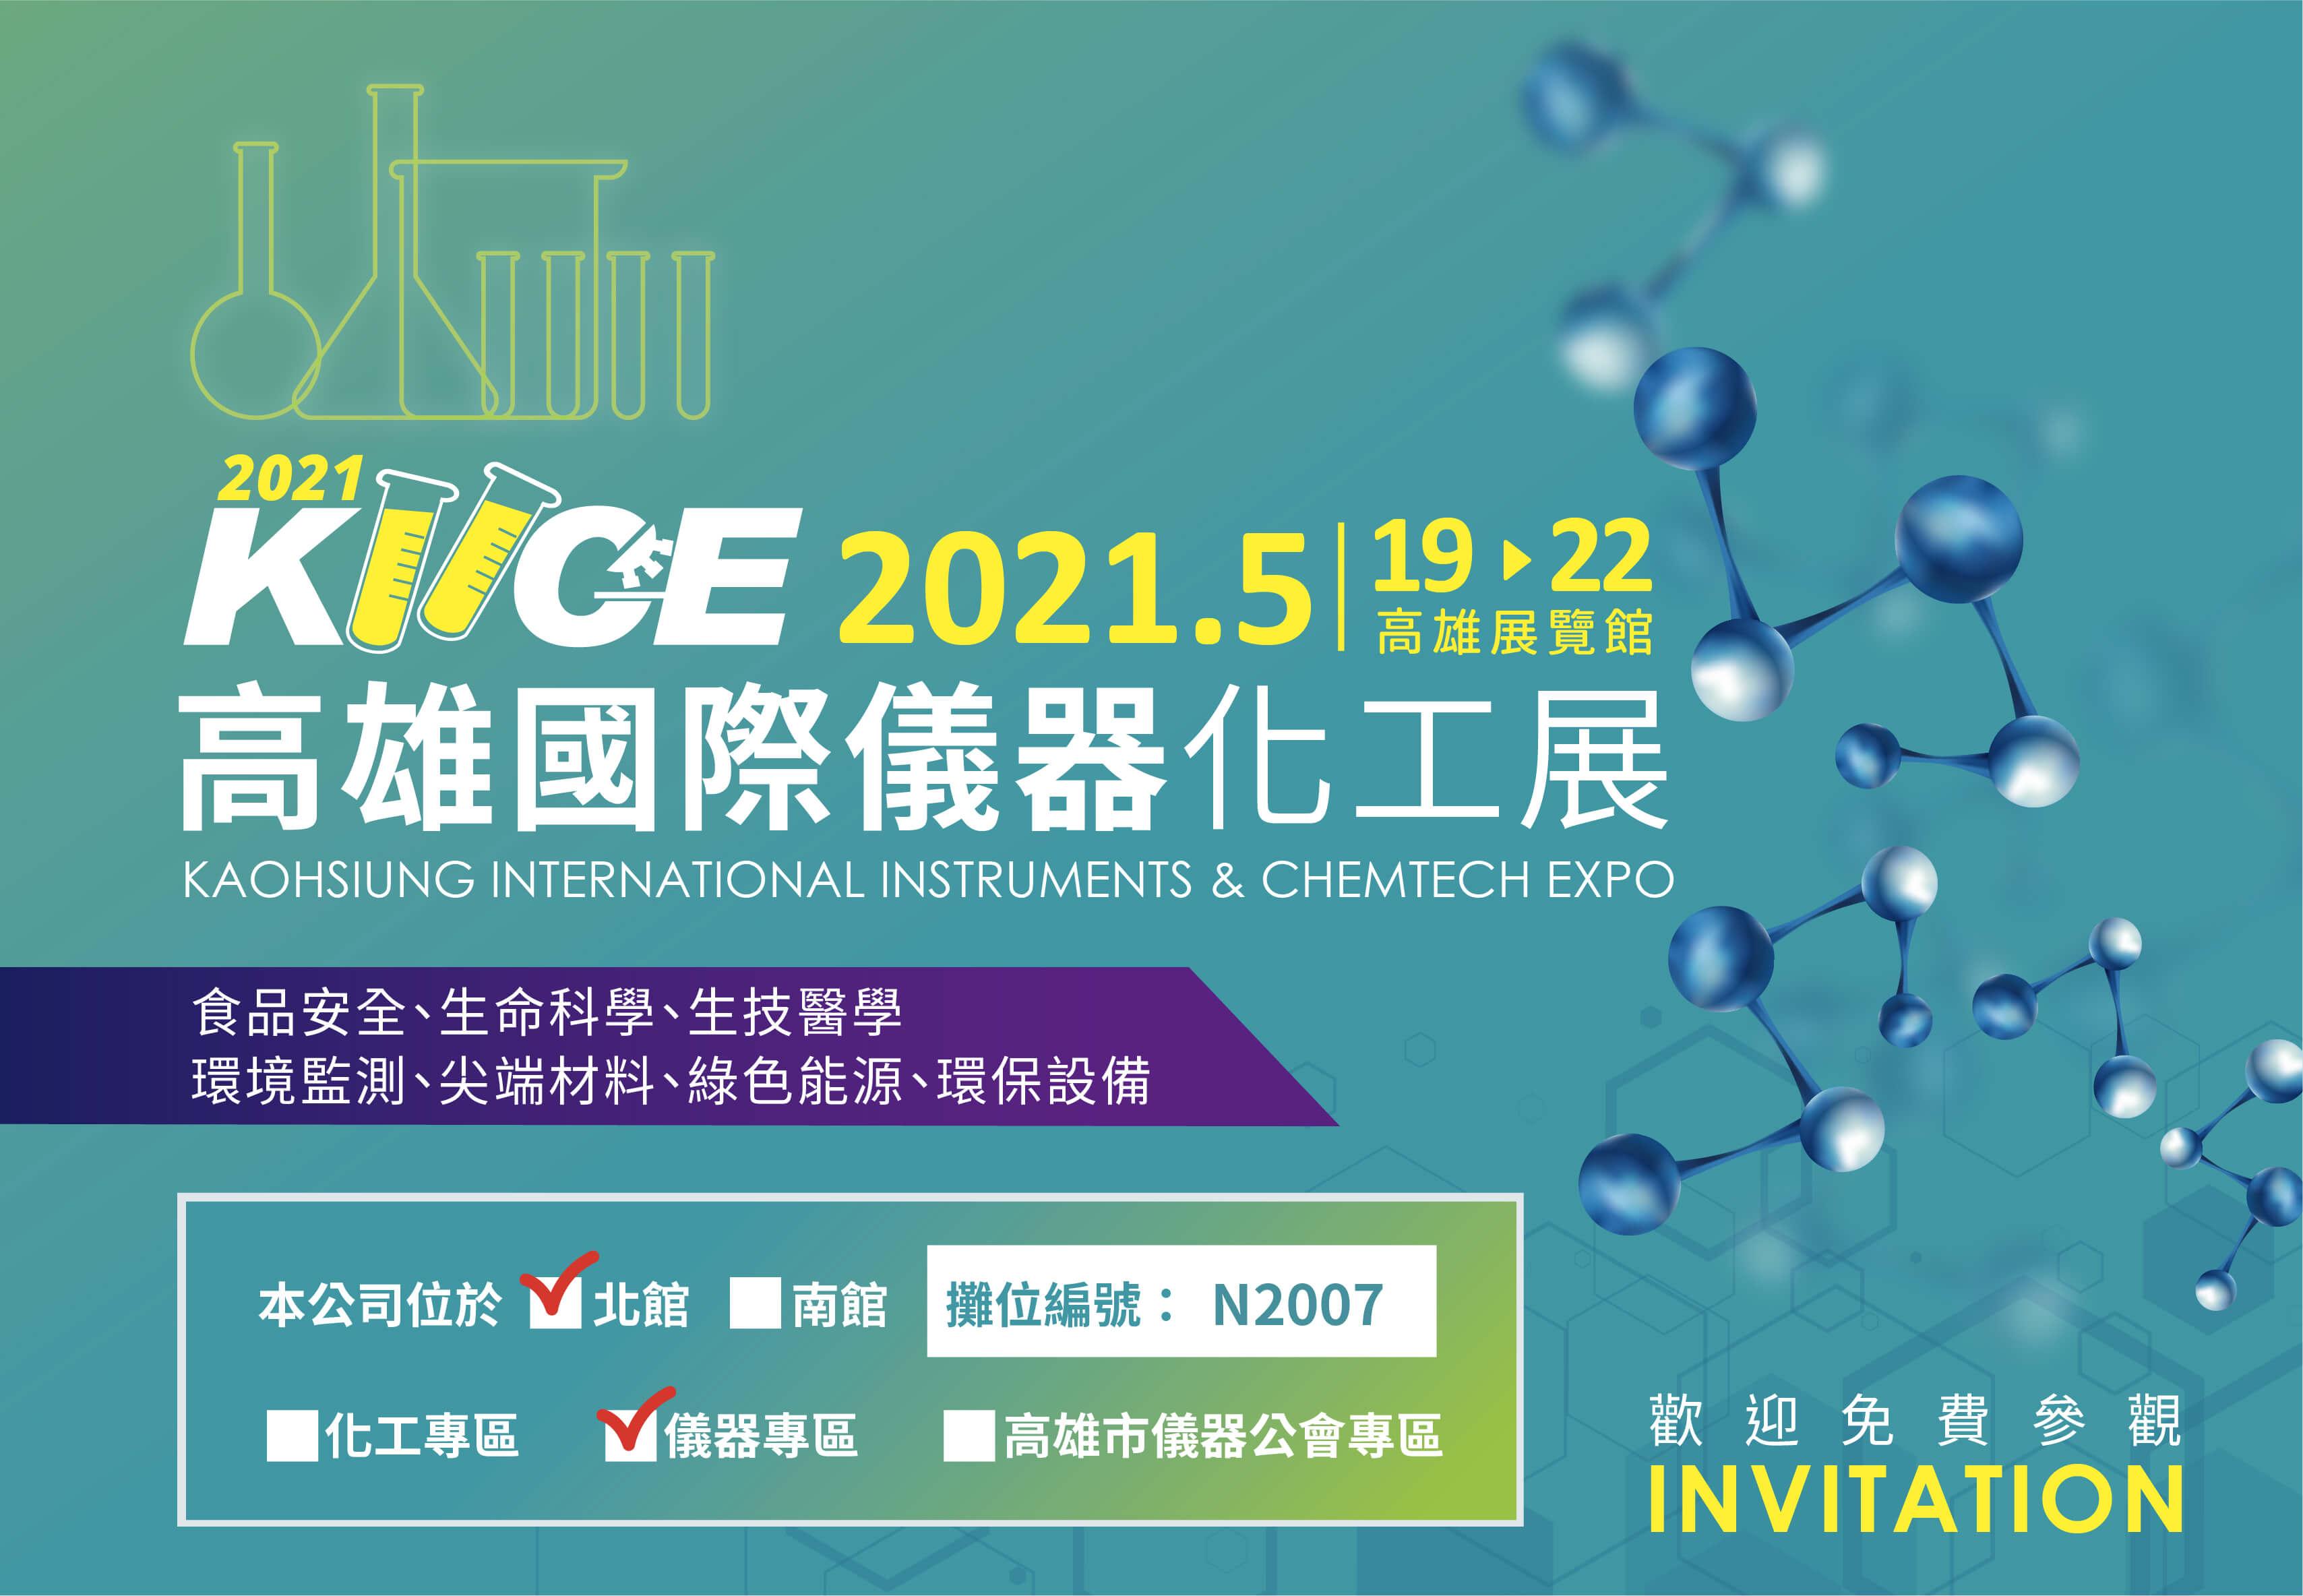 2021 高雄國際儀器化工展